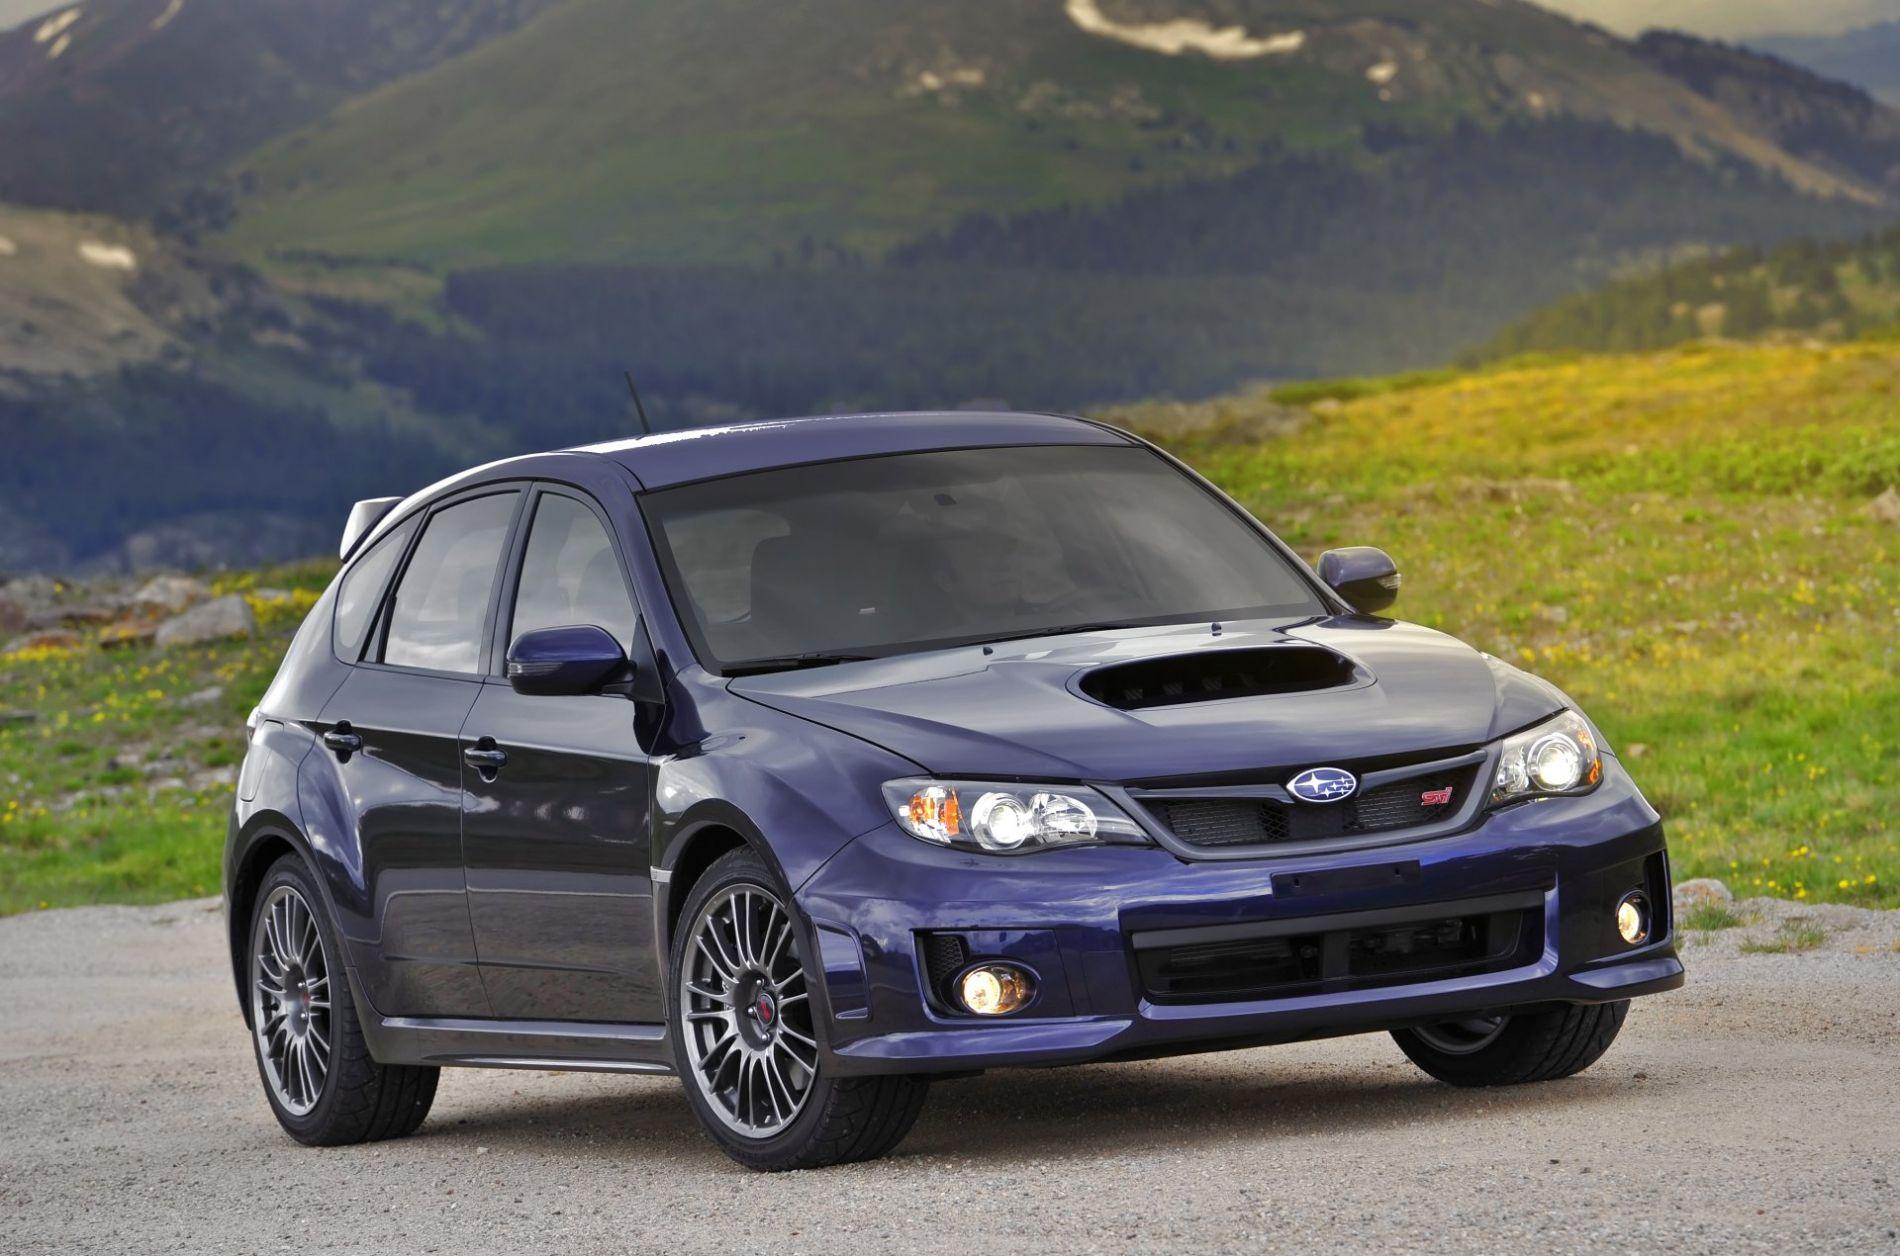 2008-2014 წლის Subaru Impreza WRX STI-ის 7 გავრცელებული პრობლემა